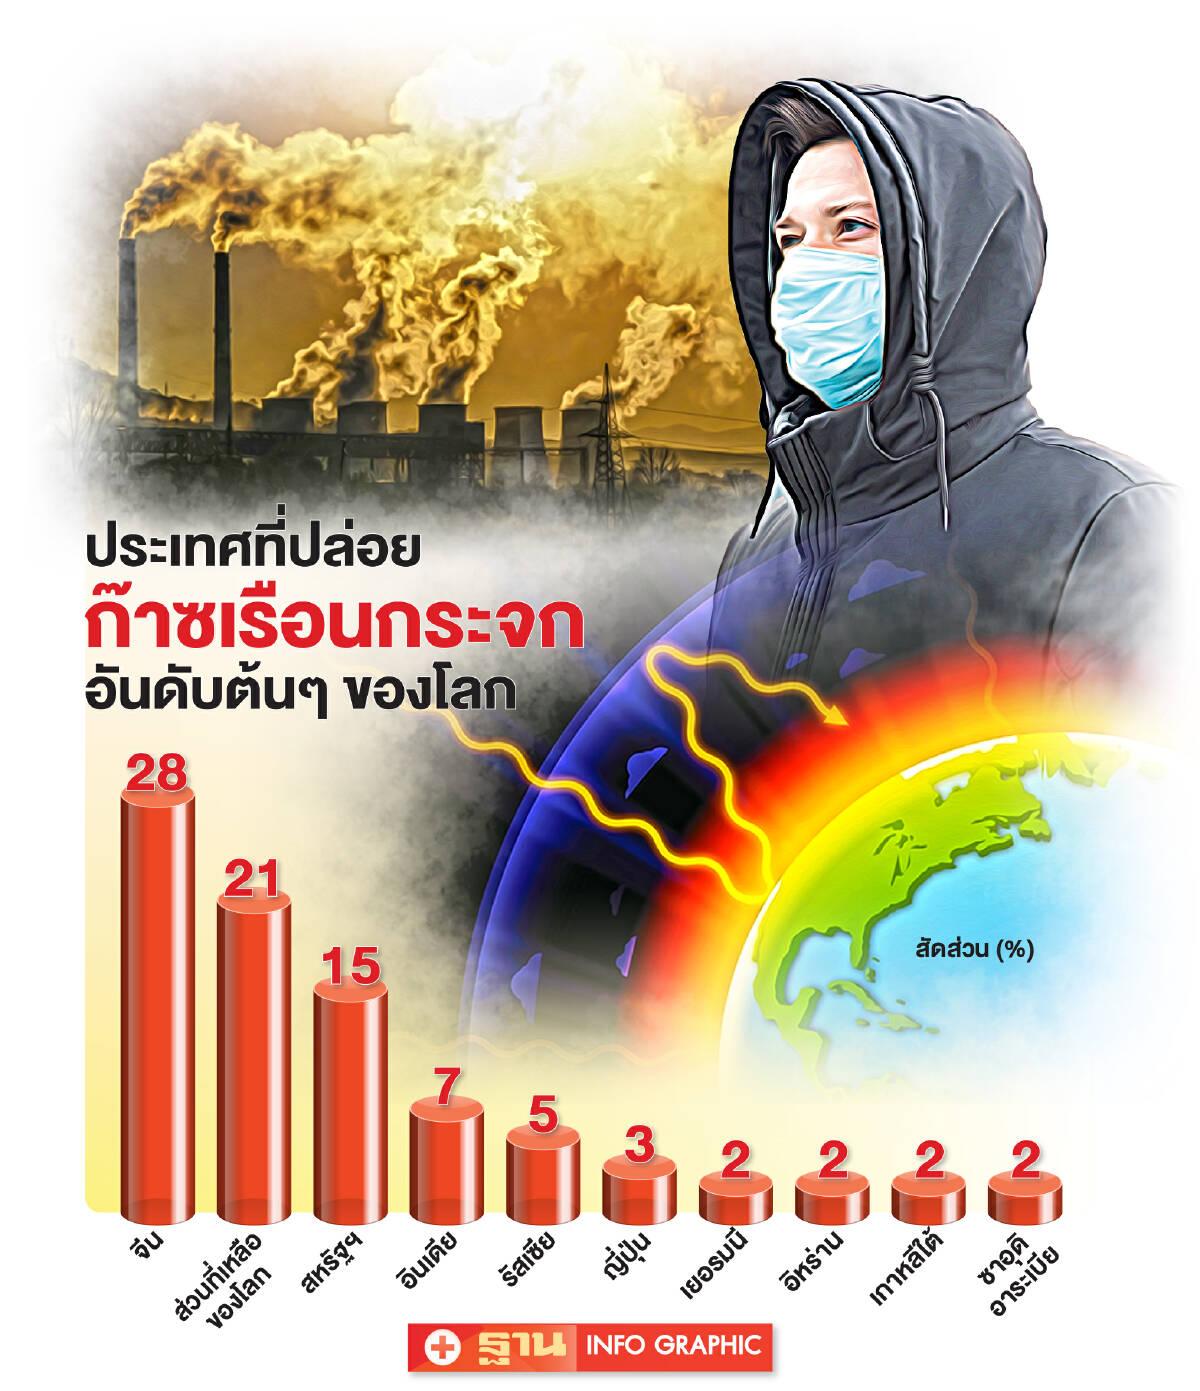 """เมื่ออียู-สหรัฐฯขยับ """"ลดโลกร้อน""""ส่งออกไทย 1.7 ล้านล้านก็สะเทือน"""